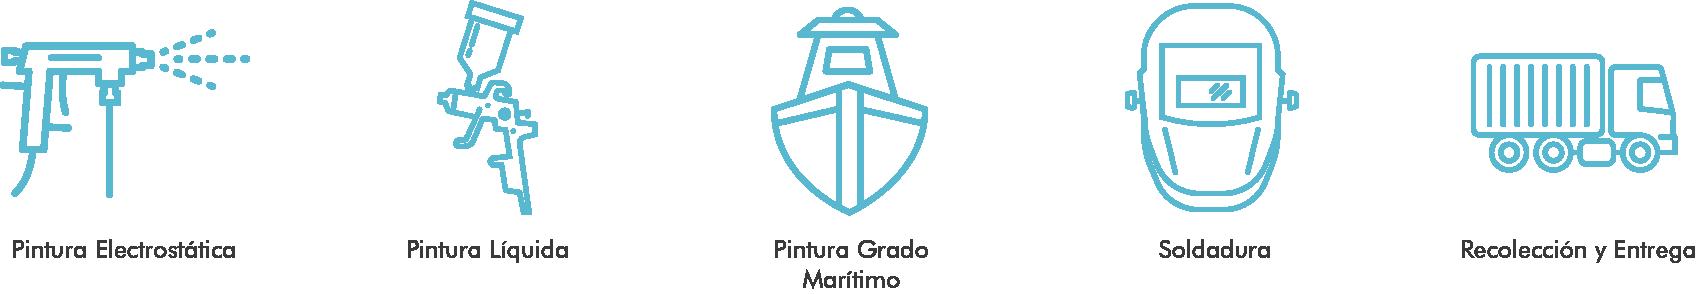 Iconos Servicios.png